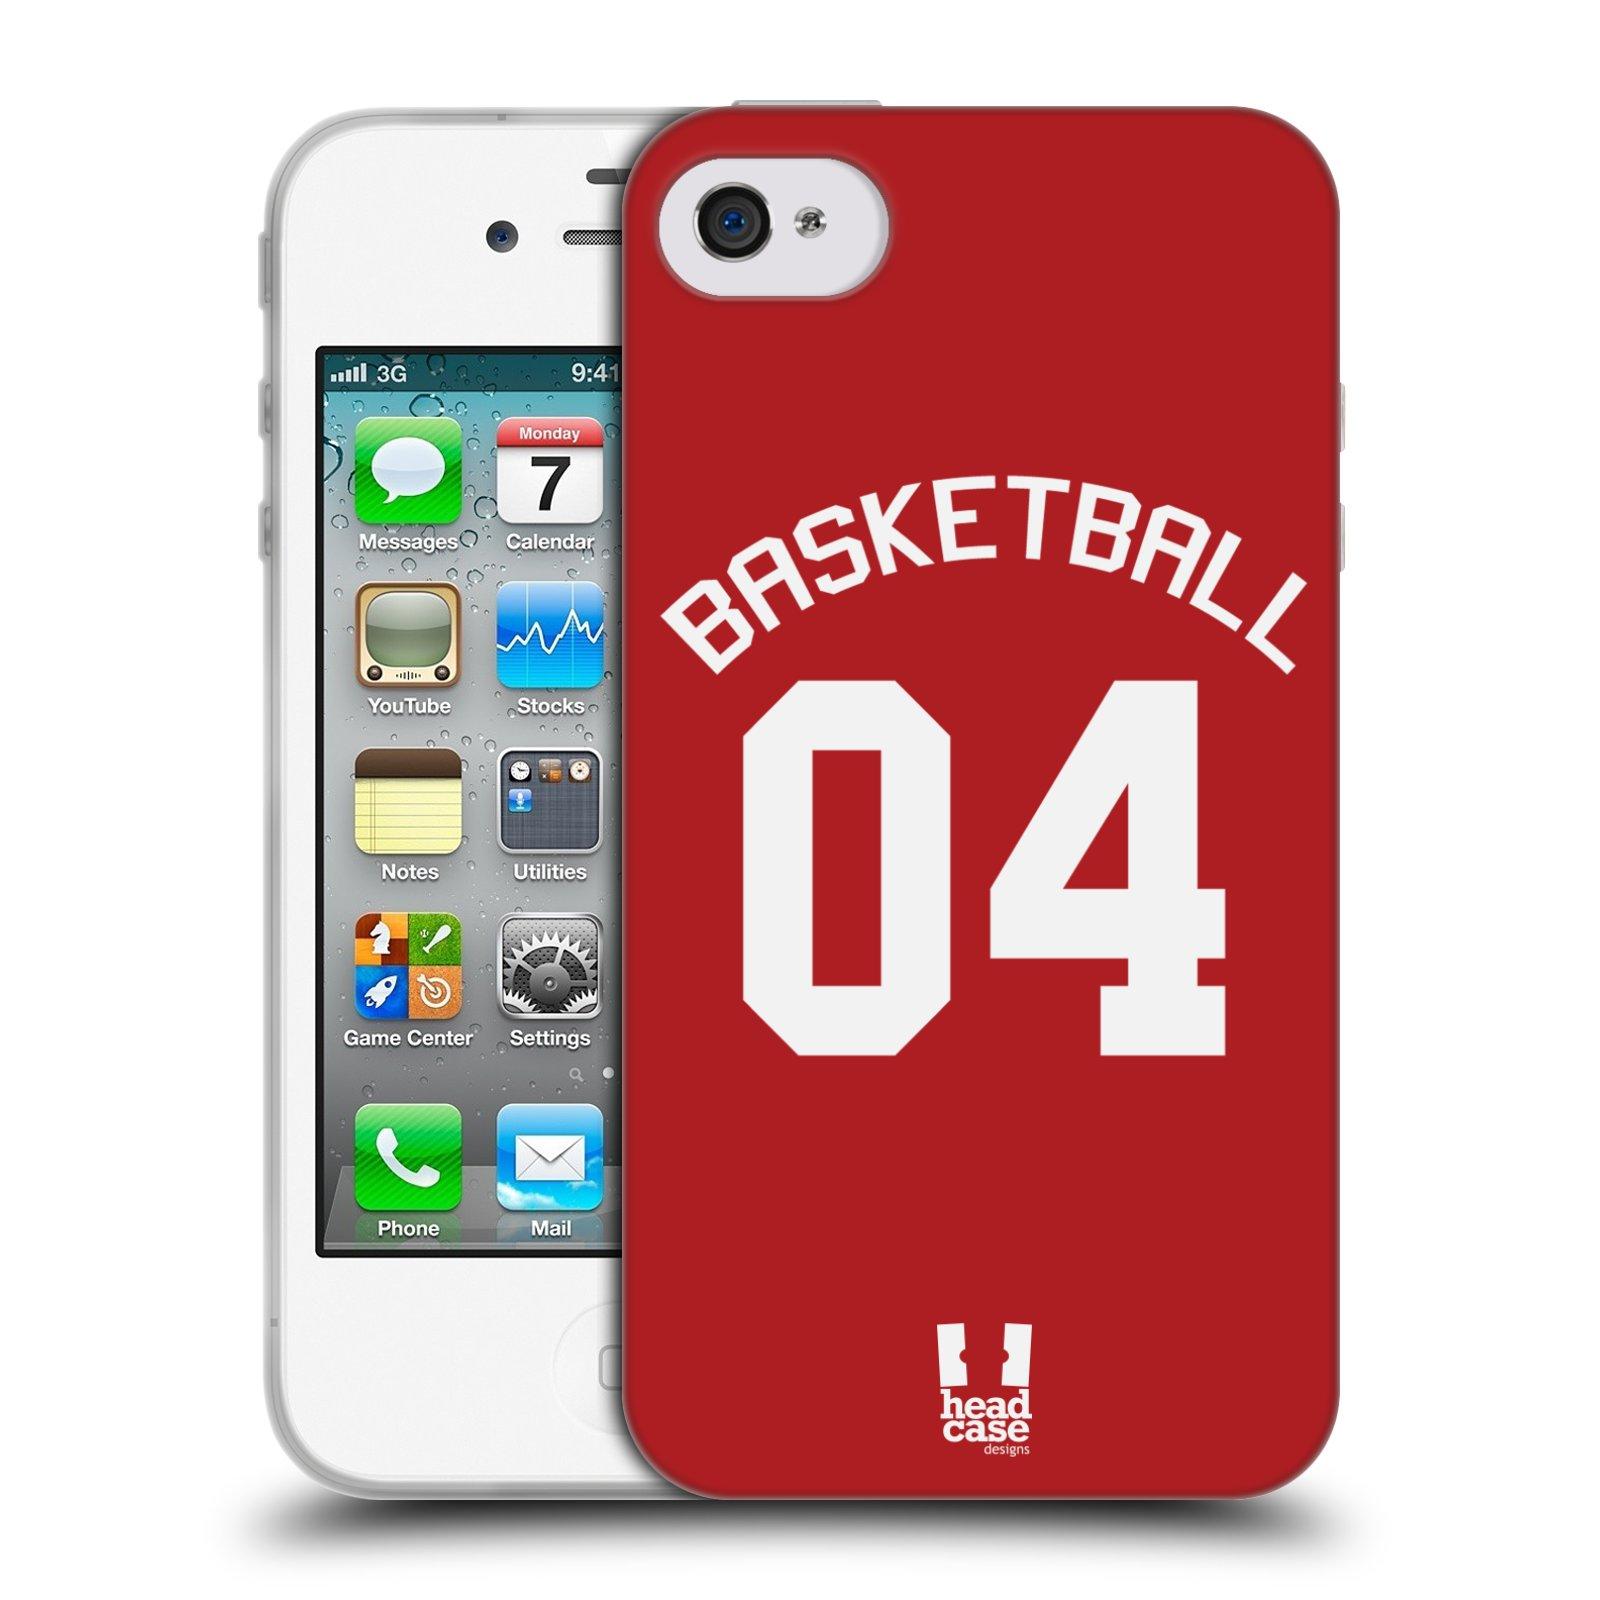 HEAD CASE silikonový obal na mobil Apple Iphone 4/4S Sportovní dres Basketbal červený